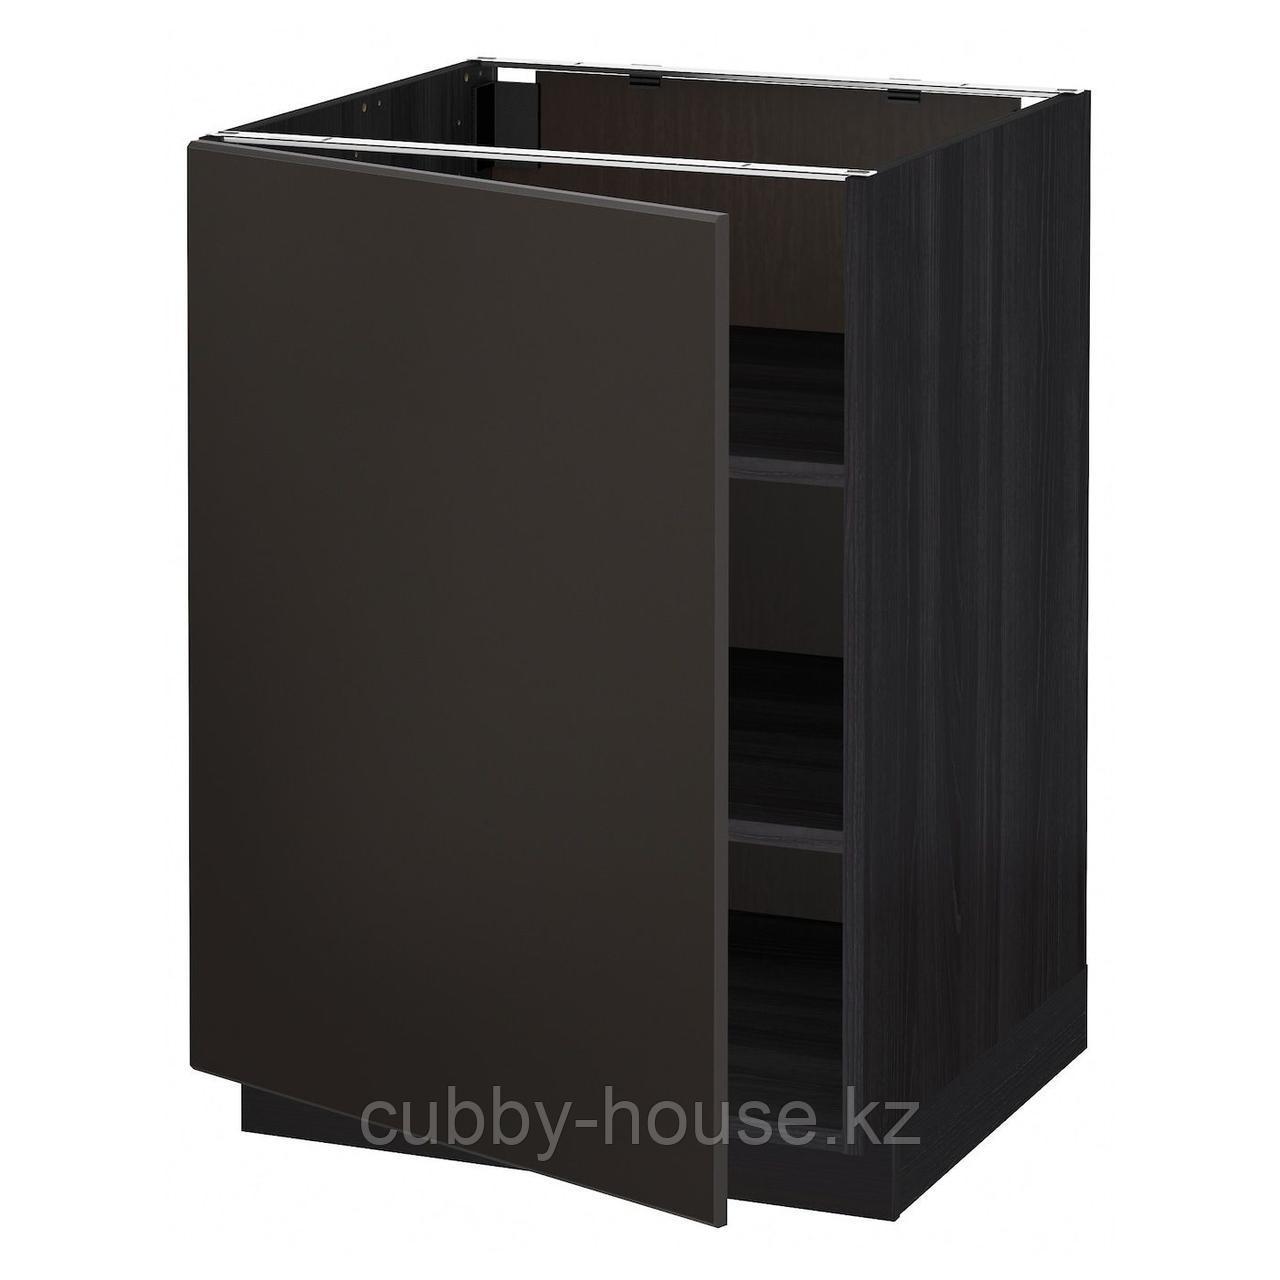 МЕТОД Напольный шкаф с полками, белый, Будбин серый, 20x60 см